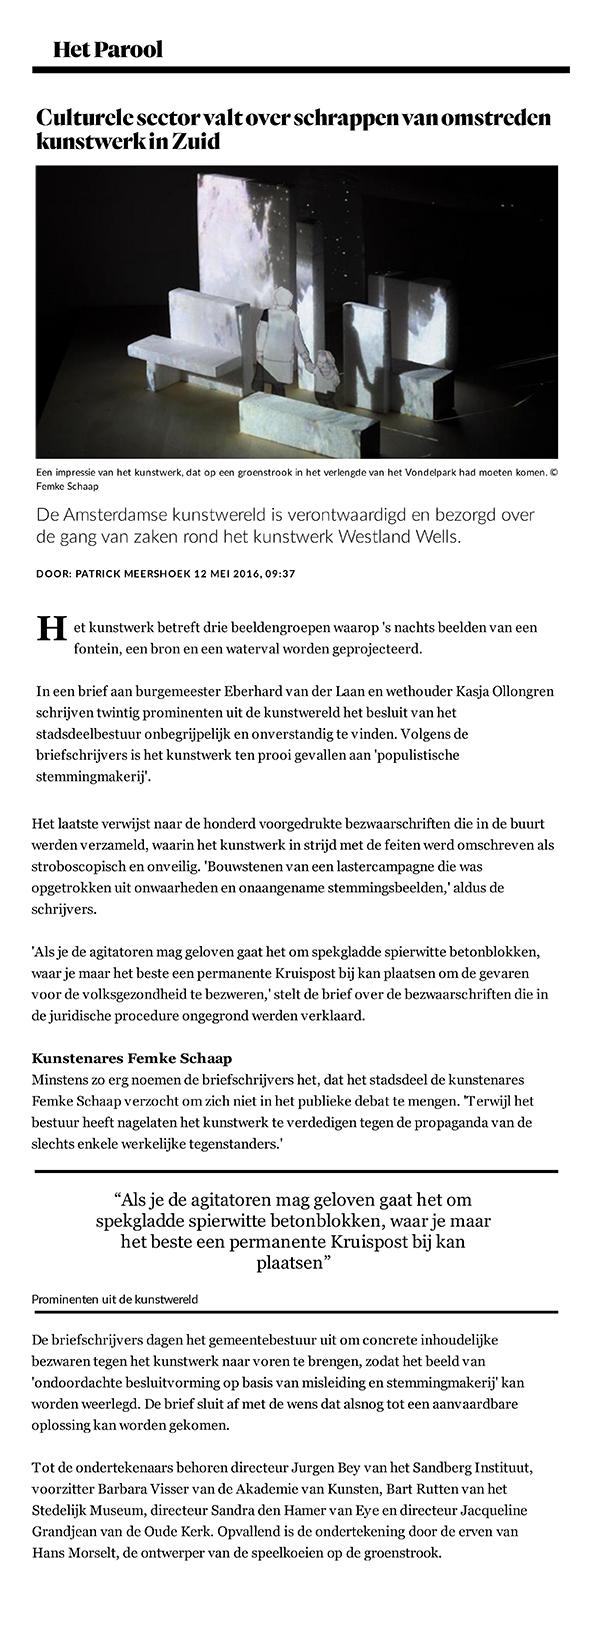 Culturele sector valt over schrappen van omstreden kunstwerk in Zuid - Amsterdam - PAROOL repareren-totaal  klaar